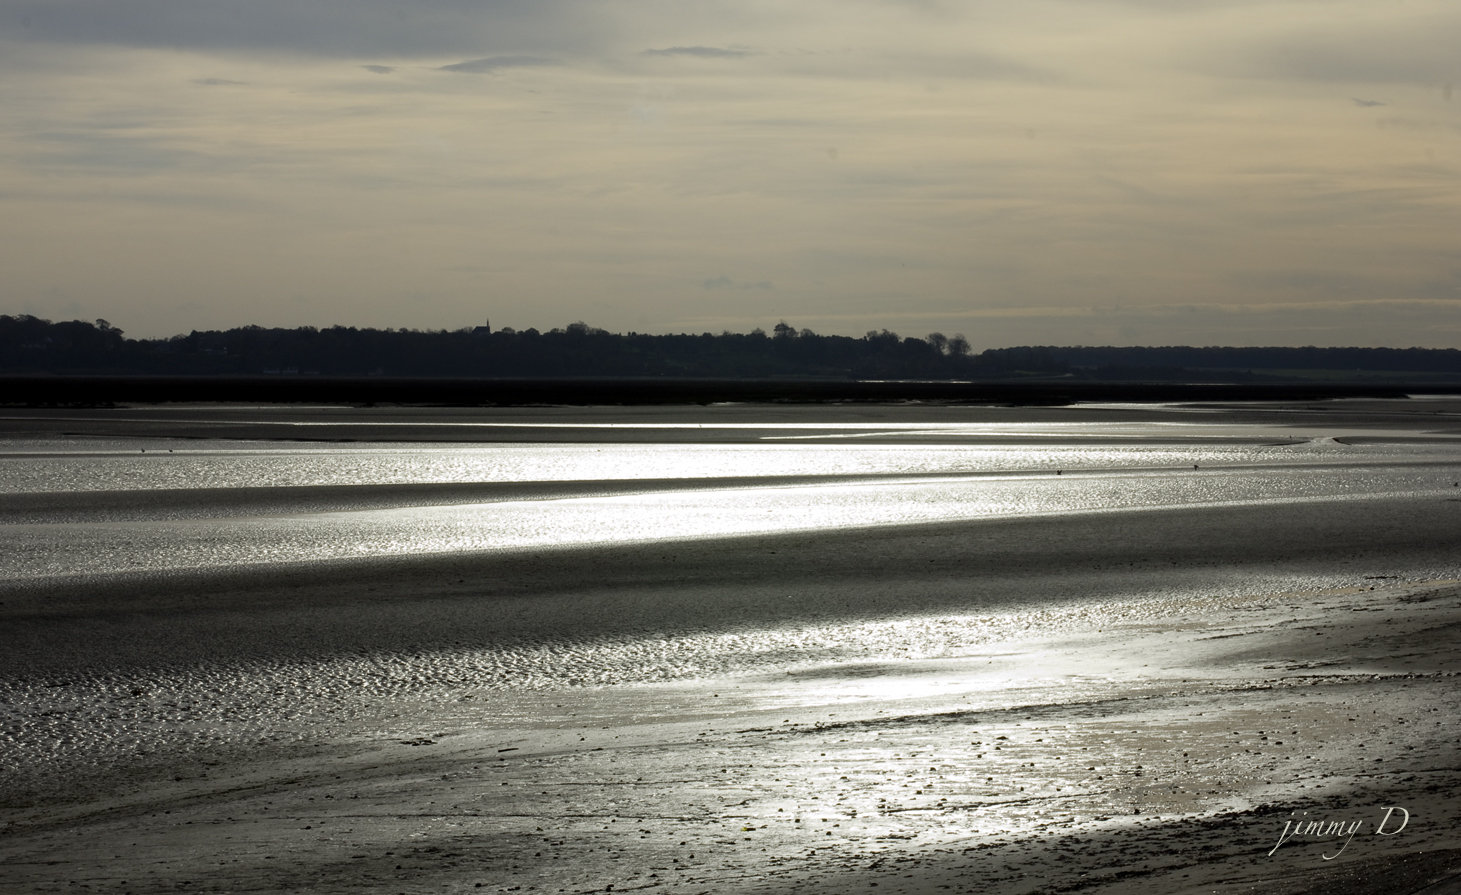 Baie de Somme - Le Crotoy - France